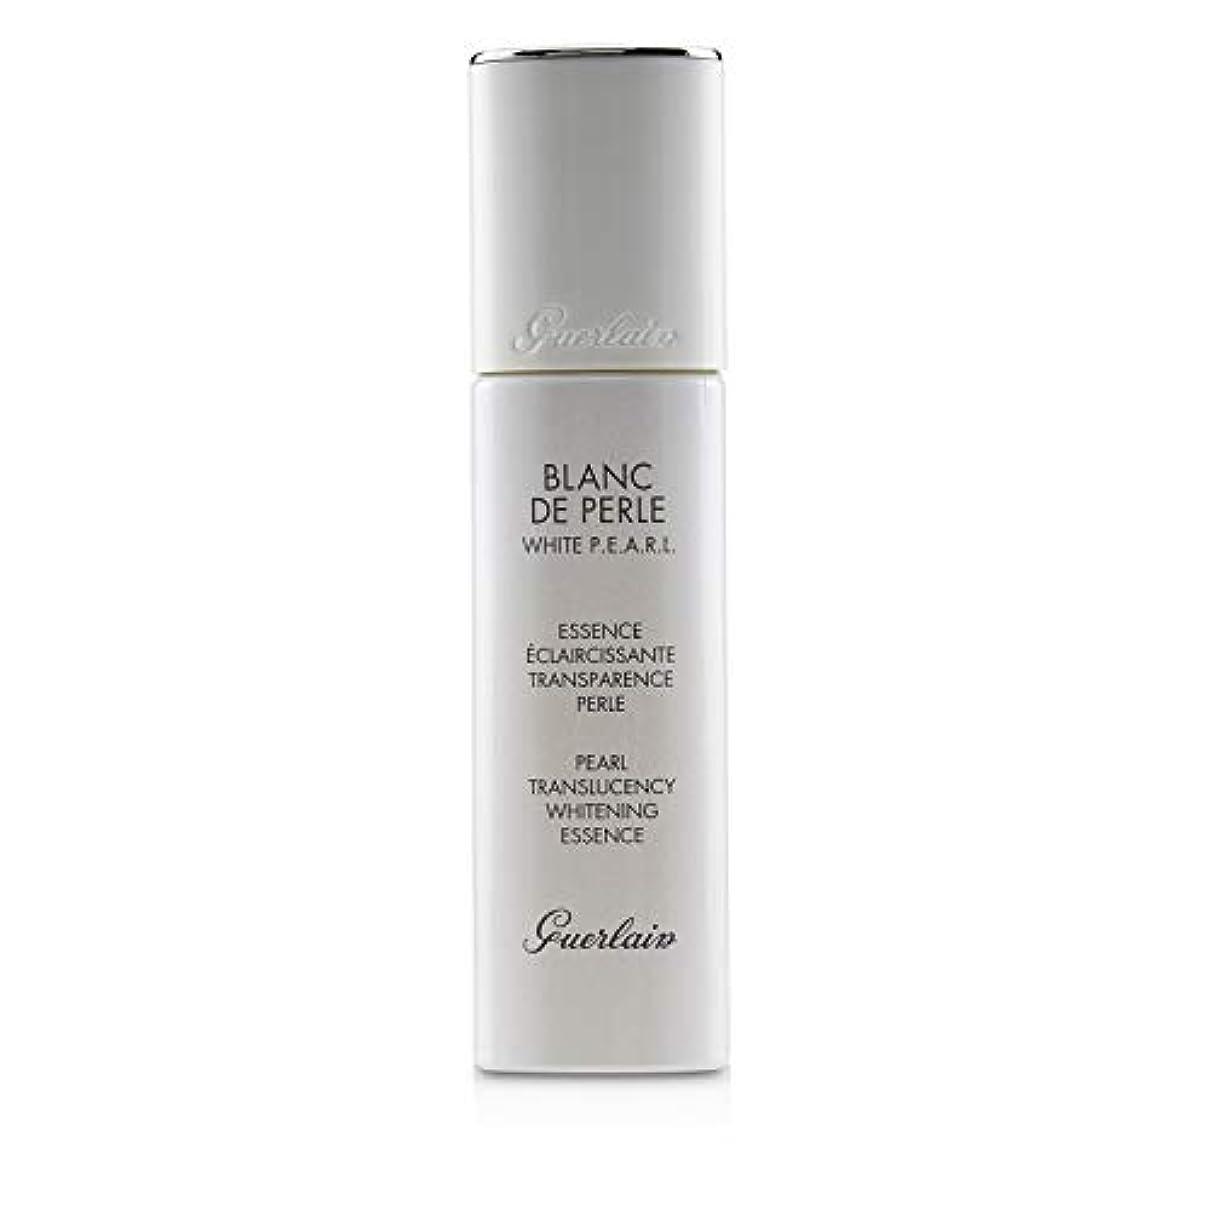 ゲラン Blanc De Perle White P.E.A.R.L. Pearl Translucency Whitening Essence 30ml/1oz並行輸入品